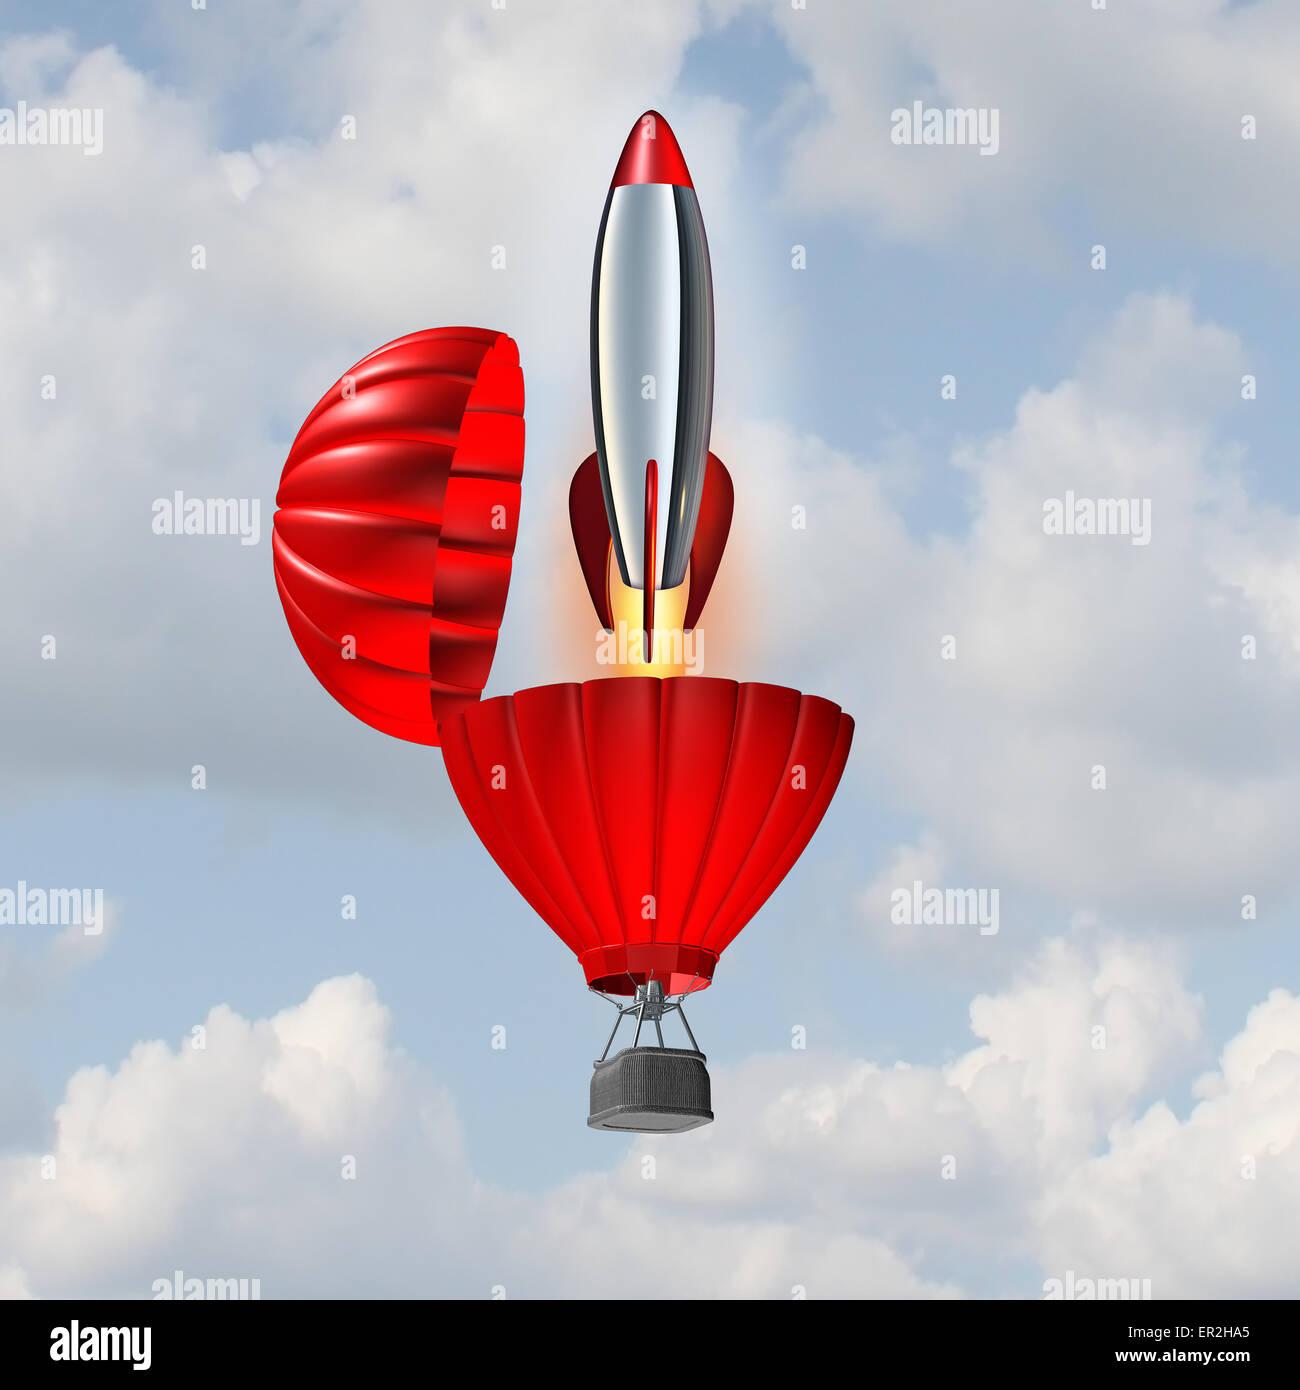 Concetto di ambizione e di edificio simbolo di slancio per il successo di un'azienda come una mongolfiera aprendo Immagini Stock